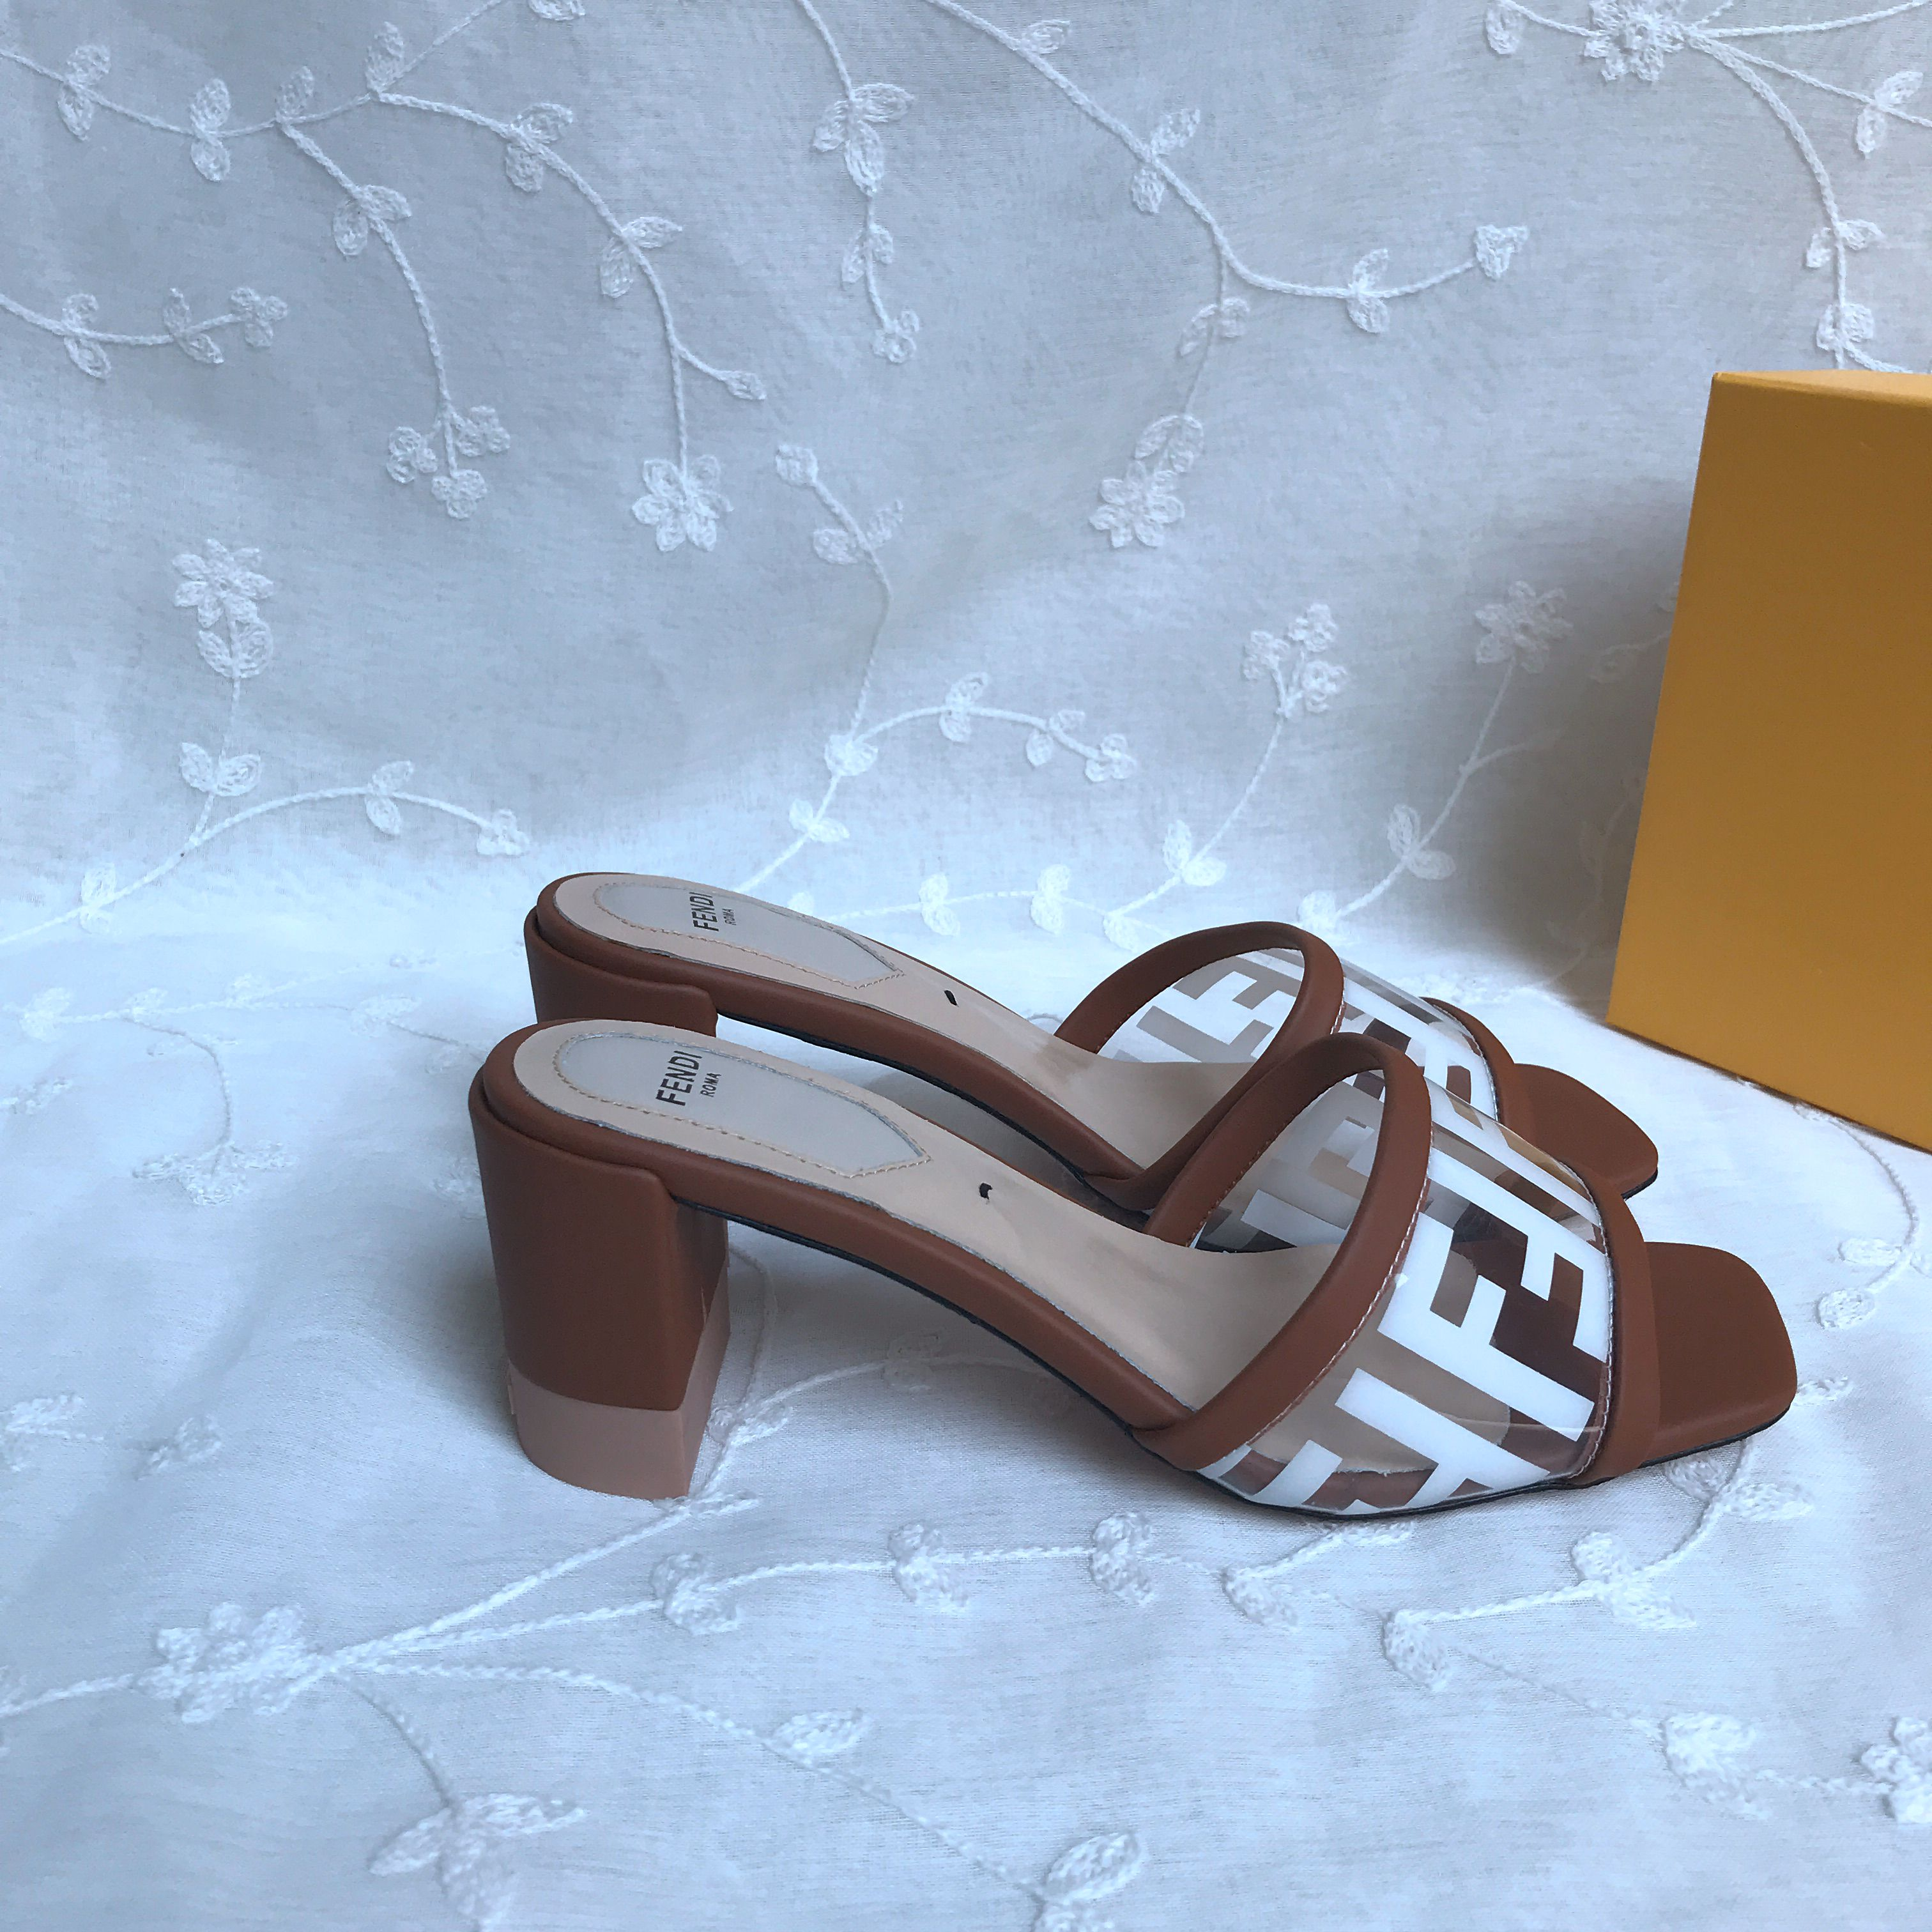 Fendi Slippers Shoes 452054